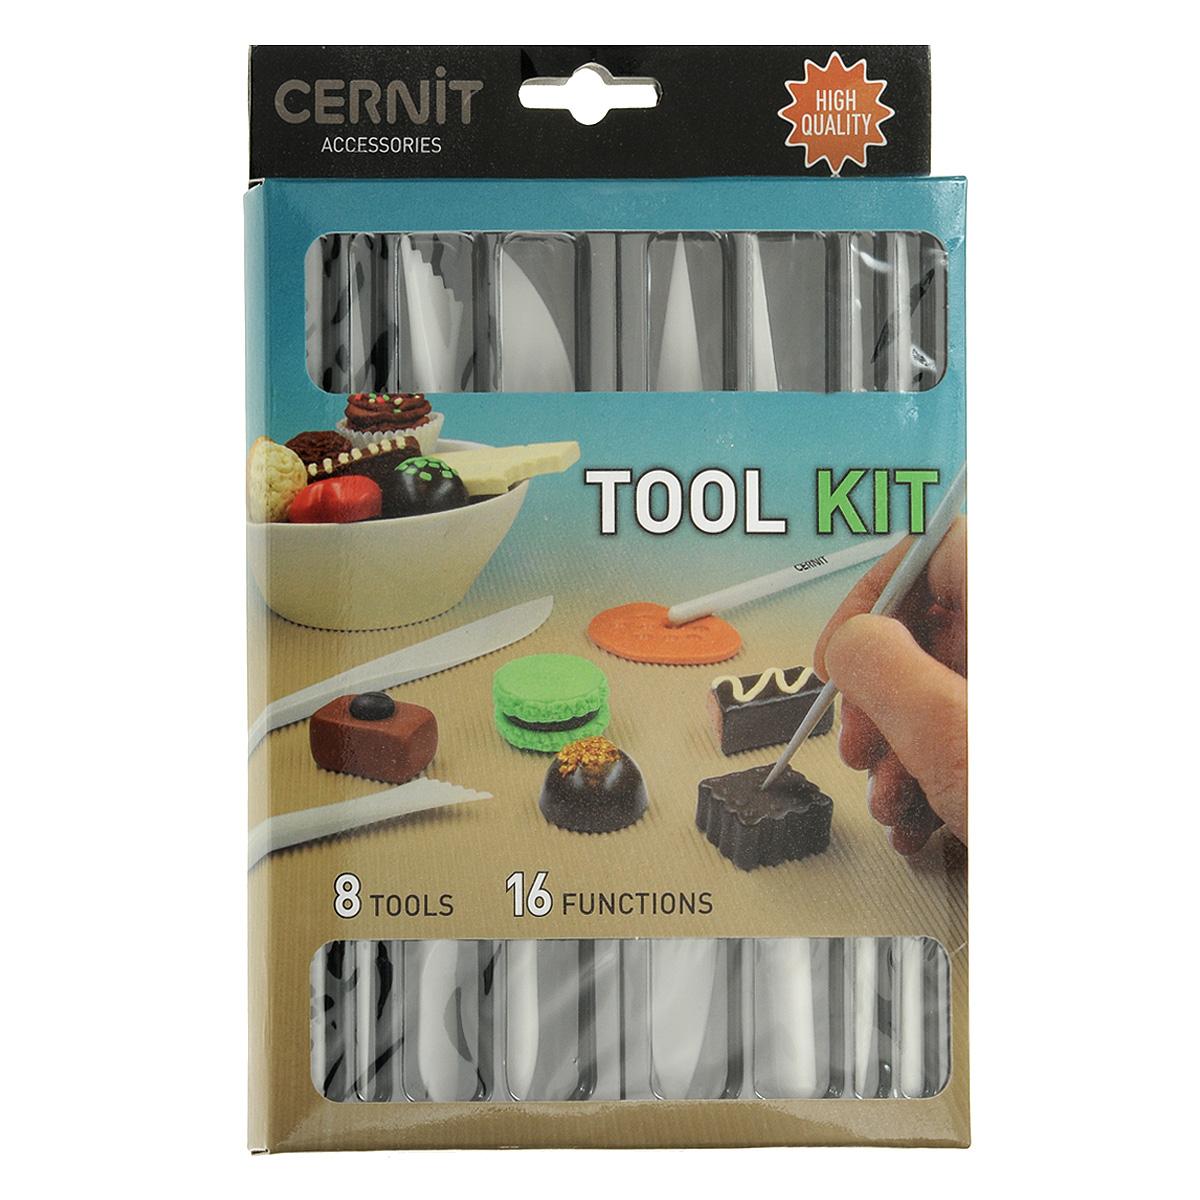 Набор инструментов для пластики Cernit, 8 предметов692529Набор инструментов для пластики Cernit состоит из 8 стеков, имеющих 16 различных форм рабочих поверхностей. Стеки выполнены из прочного пластика и предназначены для работы с полимерной глиной. Полимерная масса хорошо поддается обработке, не приклеиваясь к поверхности инструмента. Стеки применяются для отрезания, разглаживания, придания рельефа, расставления акцента. Набор Cernit даст вам безграничные возможности при работе с полимерной глиной.